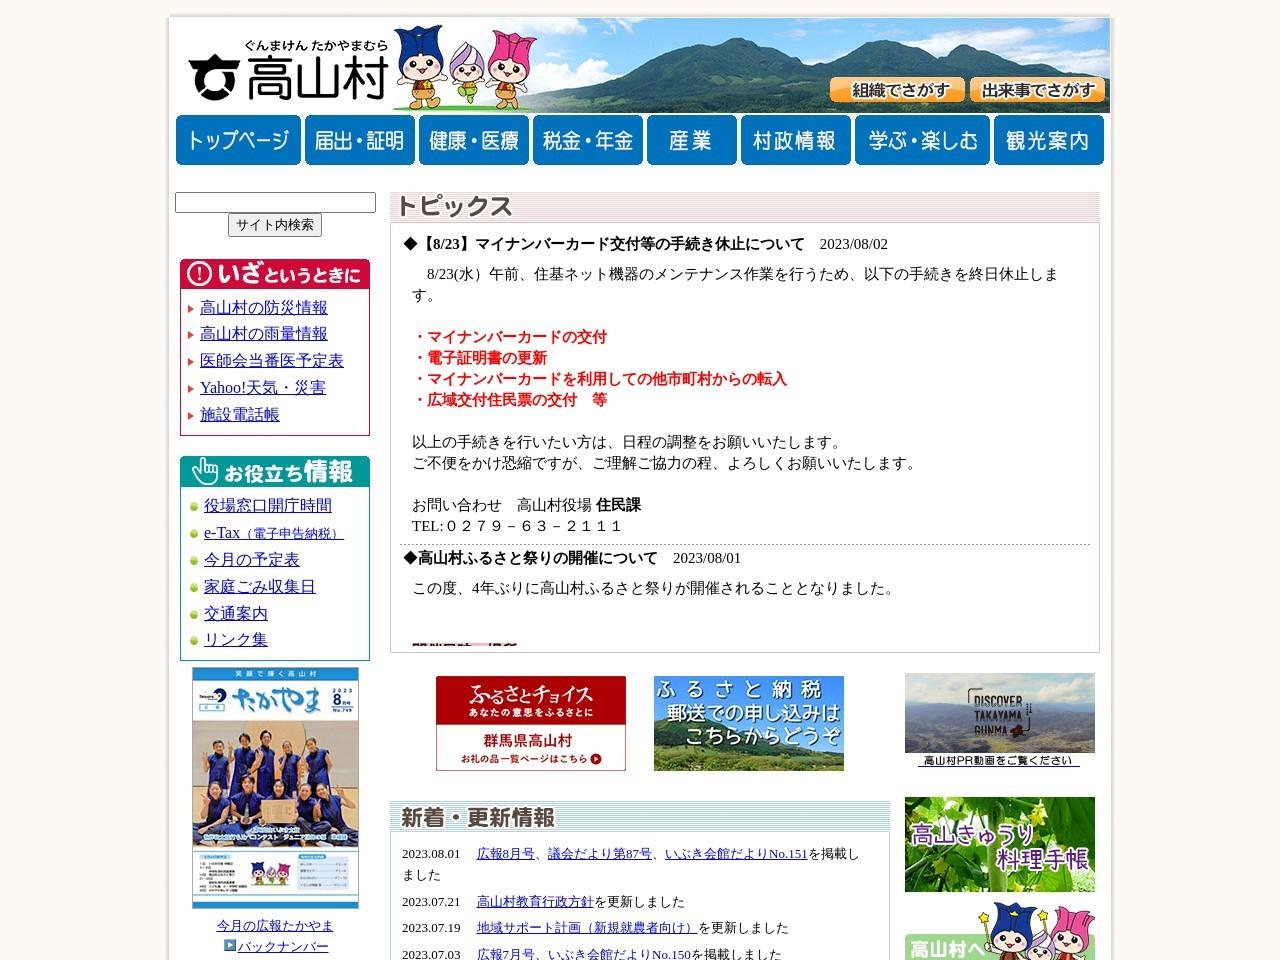 高山村ホームページ